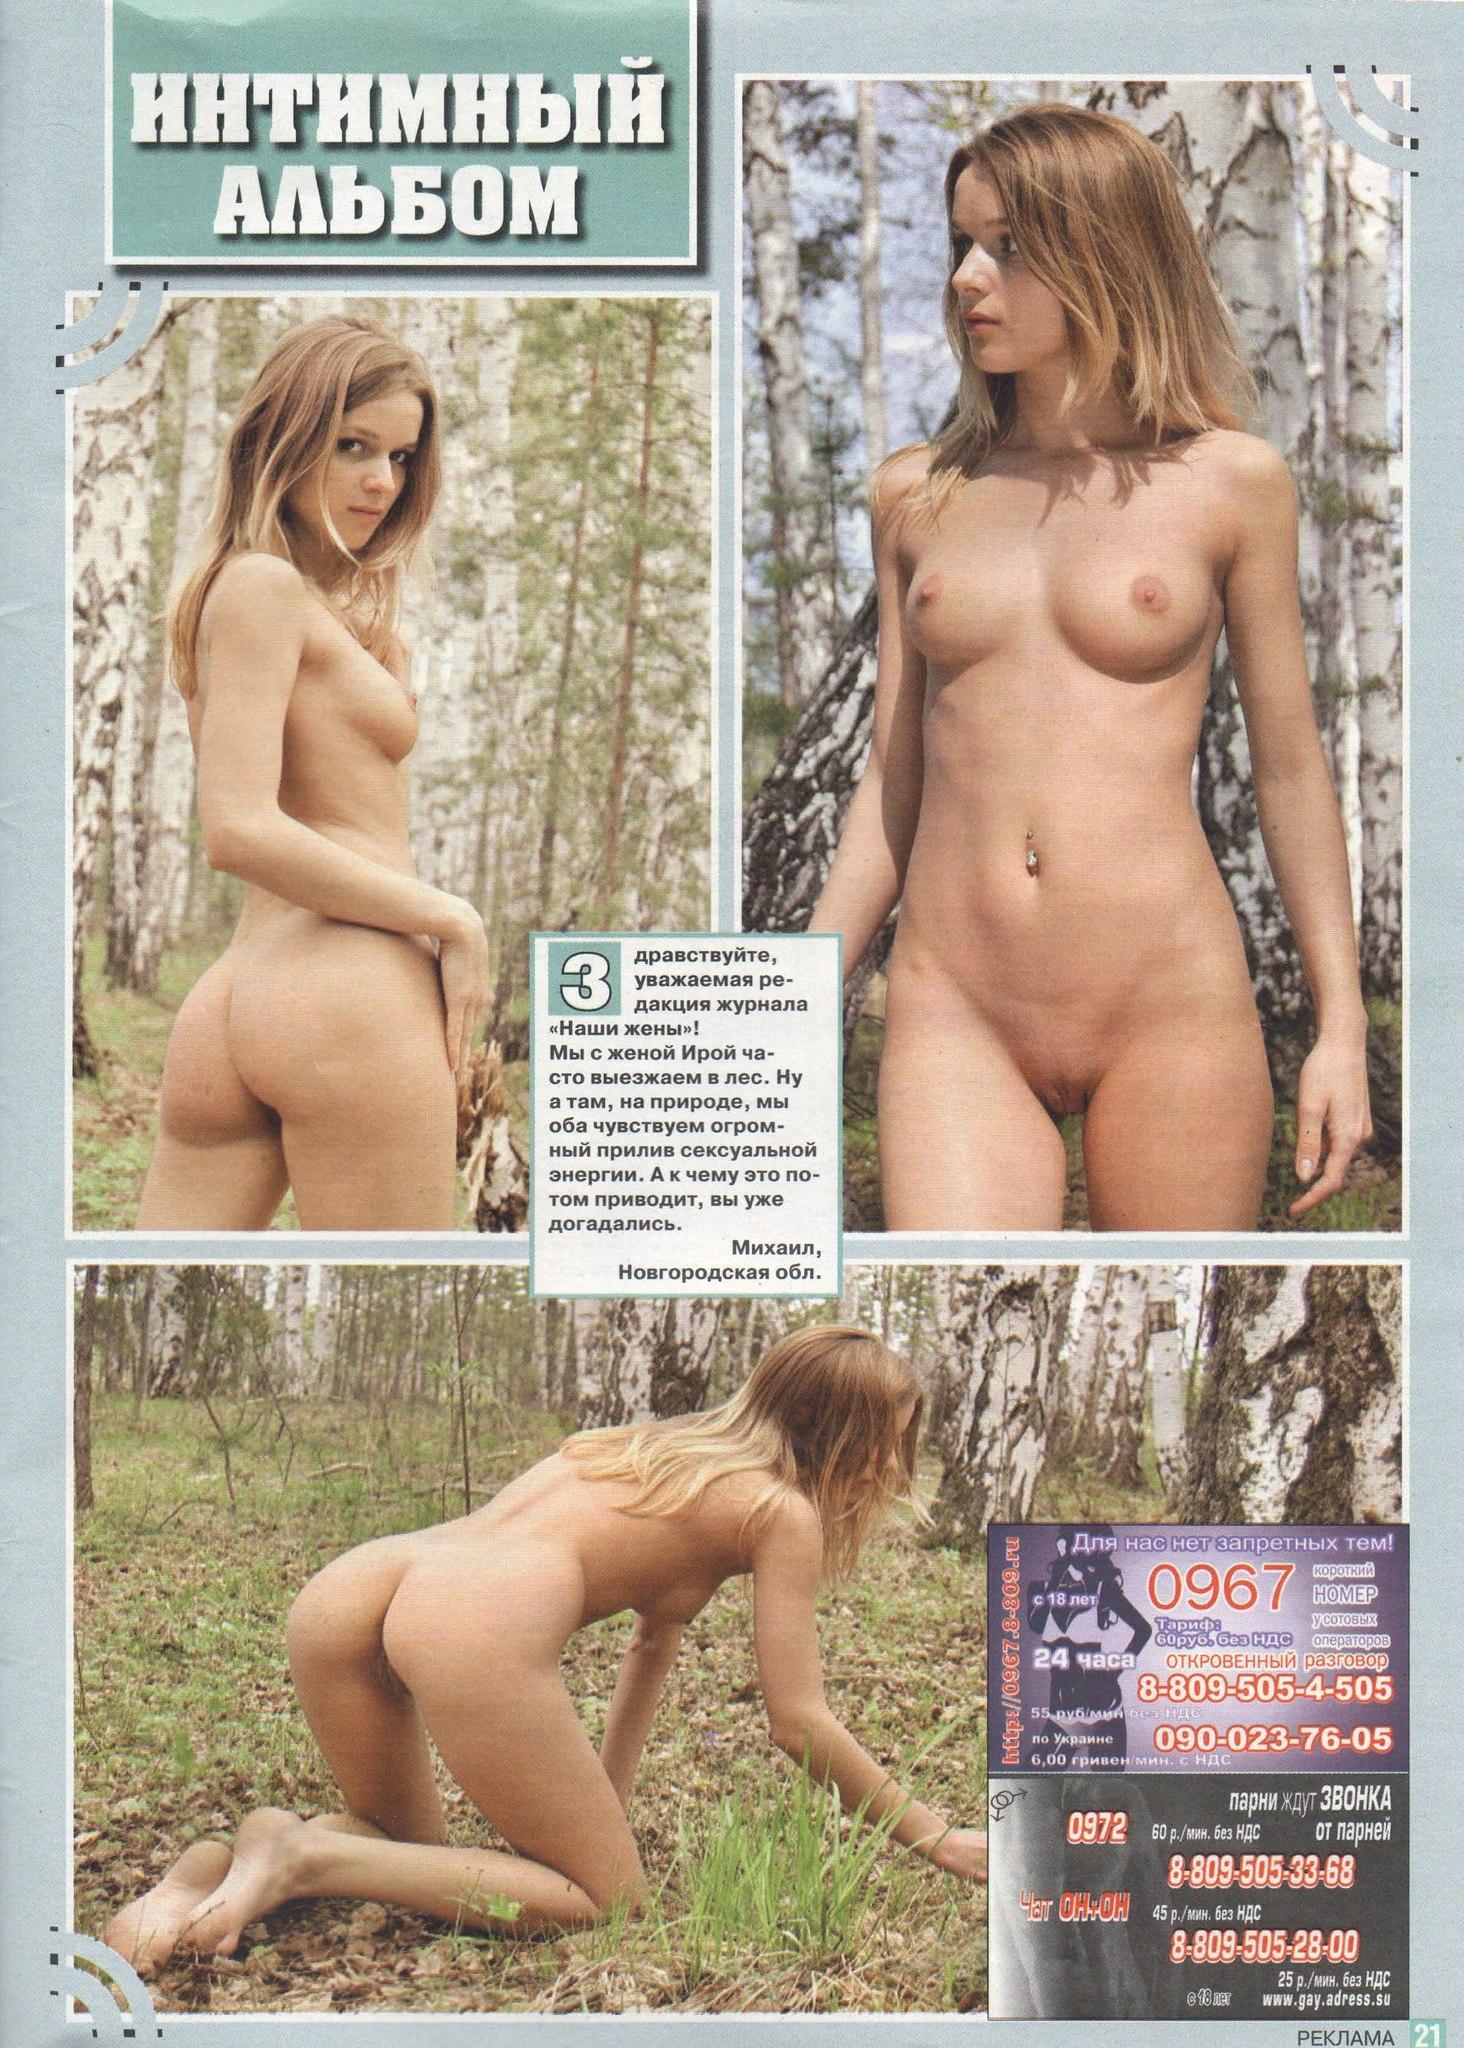 Эротические журналы украина 2 фотография